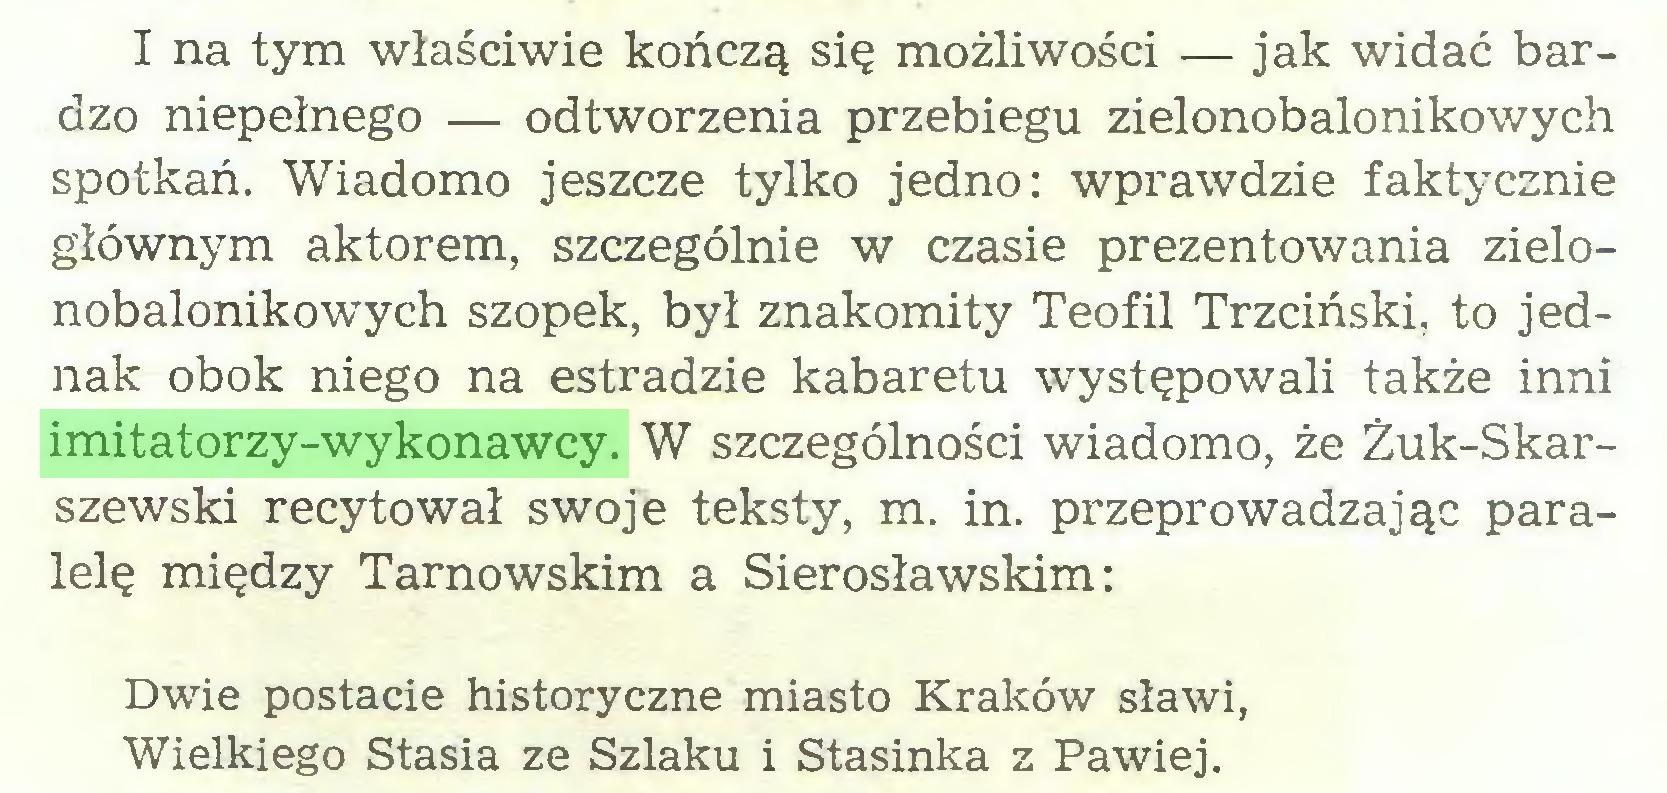 (...) I na tym właściwie kończą się możliwości — jak widać bardzo niepełnego — odtworzenia przebiegu zielonobalonikowych spotkań. Wiadomo jeszcze tylko jedno: wprawdzie faktycznie głównym aktorem, szczególnie w czasie prezentowania zielonobalonikowych szopek, był znakomity Teofil Trzciński, to jednak obok niego na estradzie kabaretu występowali także inni imitatorzy-wykonawcy. W szczególności wiadomo, że Żuk-Skarszewski recytował swoje teksty, m. in. przeprowadzając paralelę między Tarnowskim a Sierosławskim: Dwie postacie historyczne miasto Kraków sławi, Wielkiego Stasia ze Szlaku i Stasinka z Pawiej...